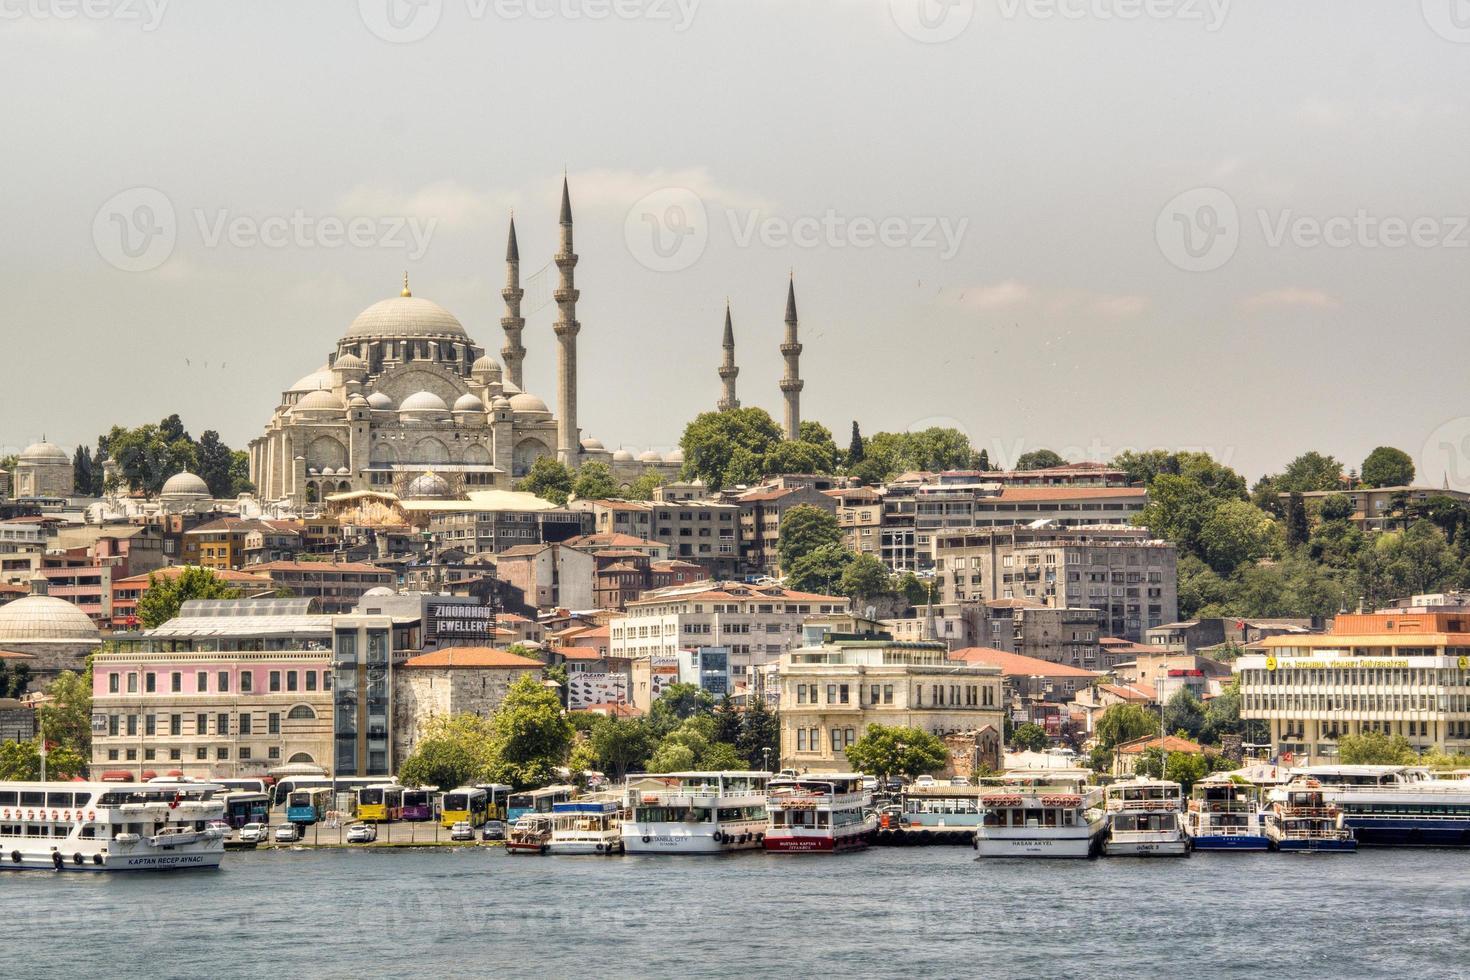 mosquée bleue vue de l'eau photo